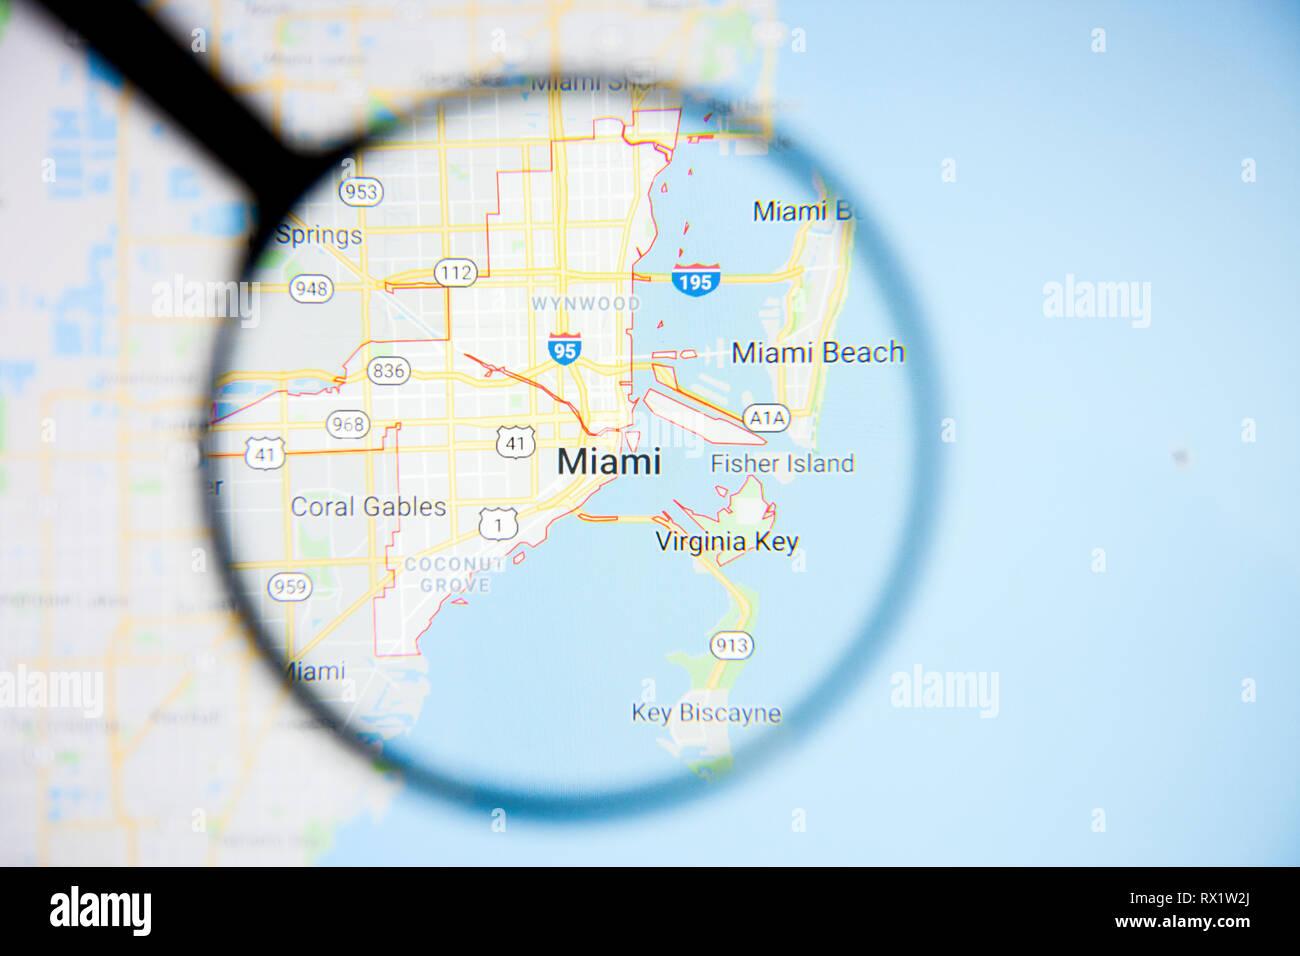 Le Miami city concept d'illustration de visualisation sur écran d'affichage par loupe Photo Stock